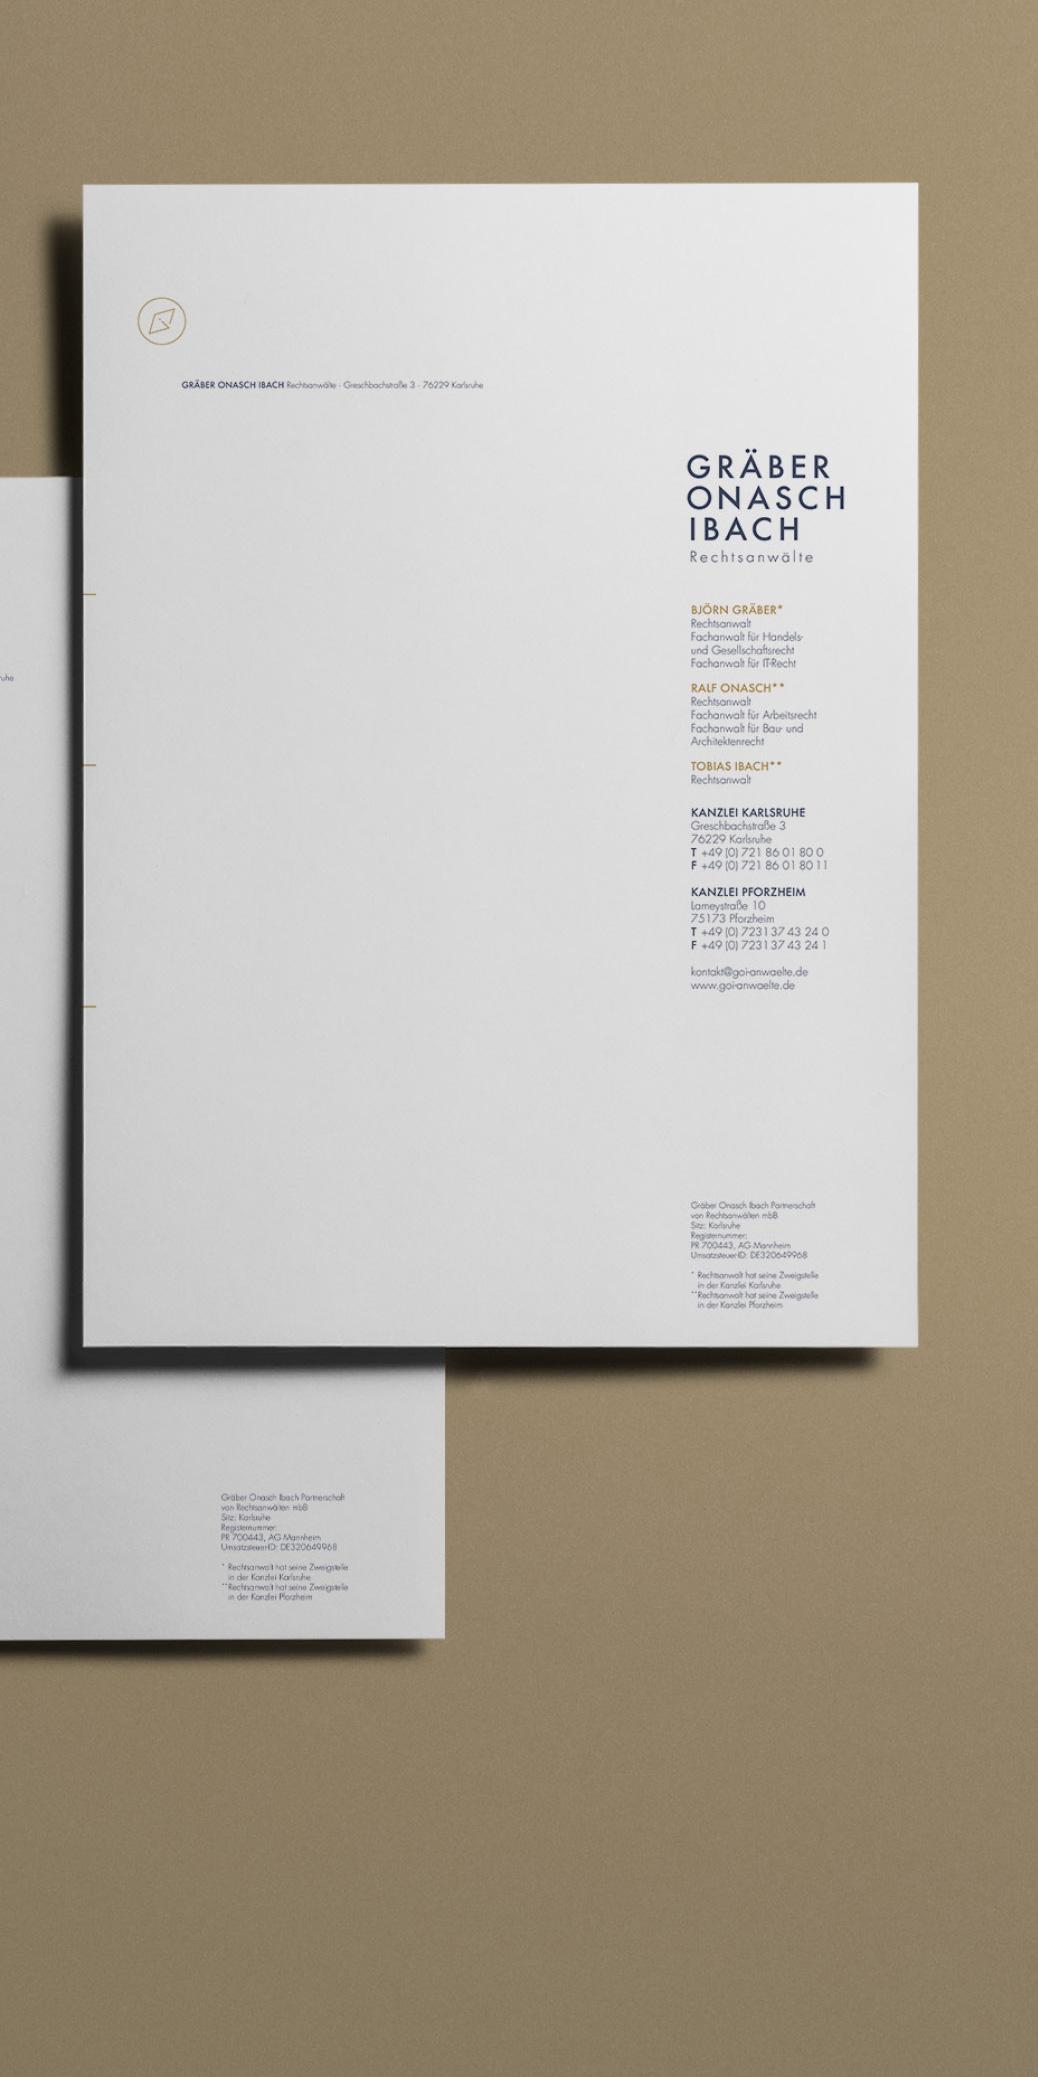 2DMBO-Studio-für-Gestaltung-goi-karlsruhe-corporate-design